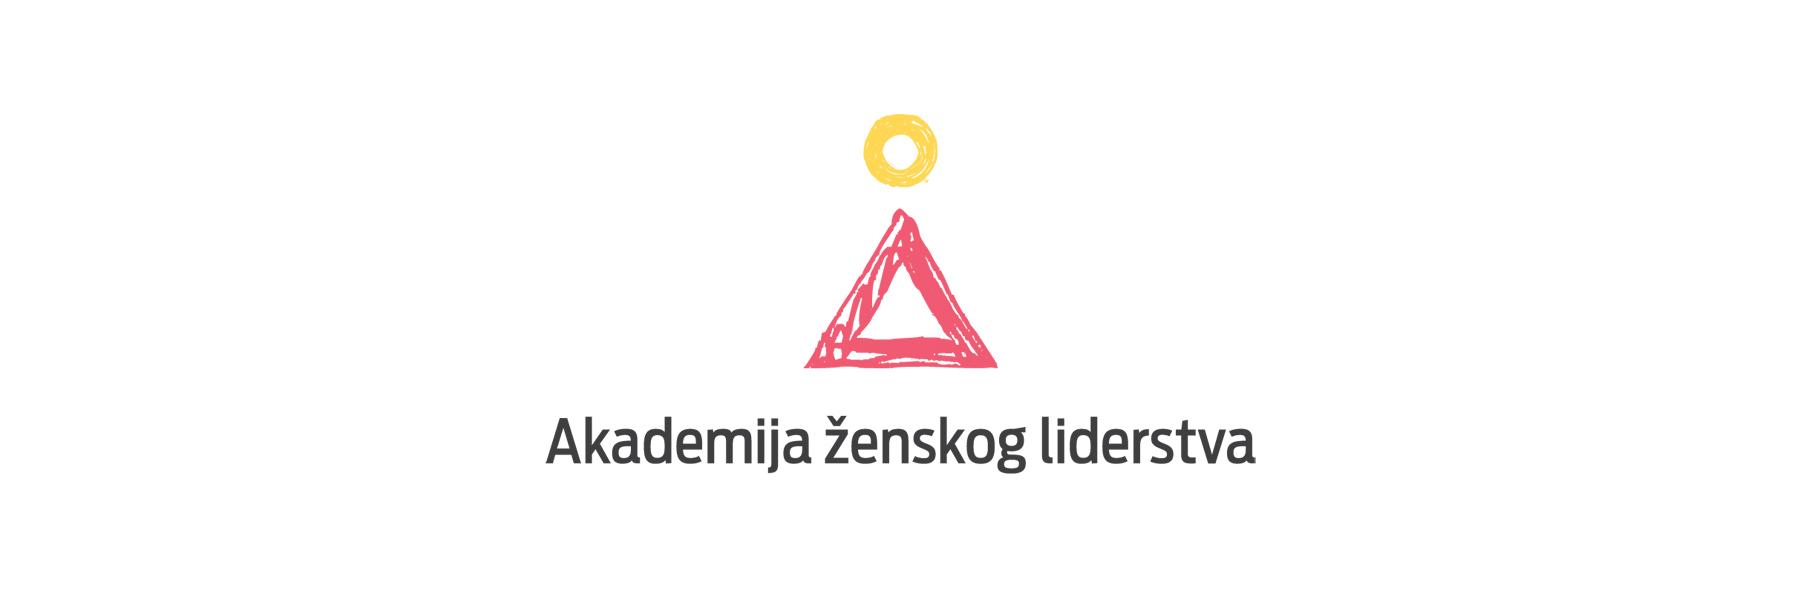 Akademija Ženskog Liderstva